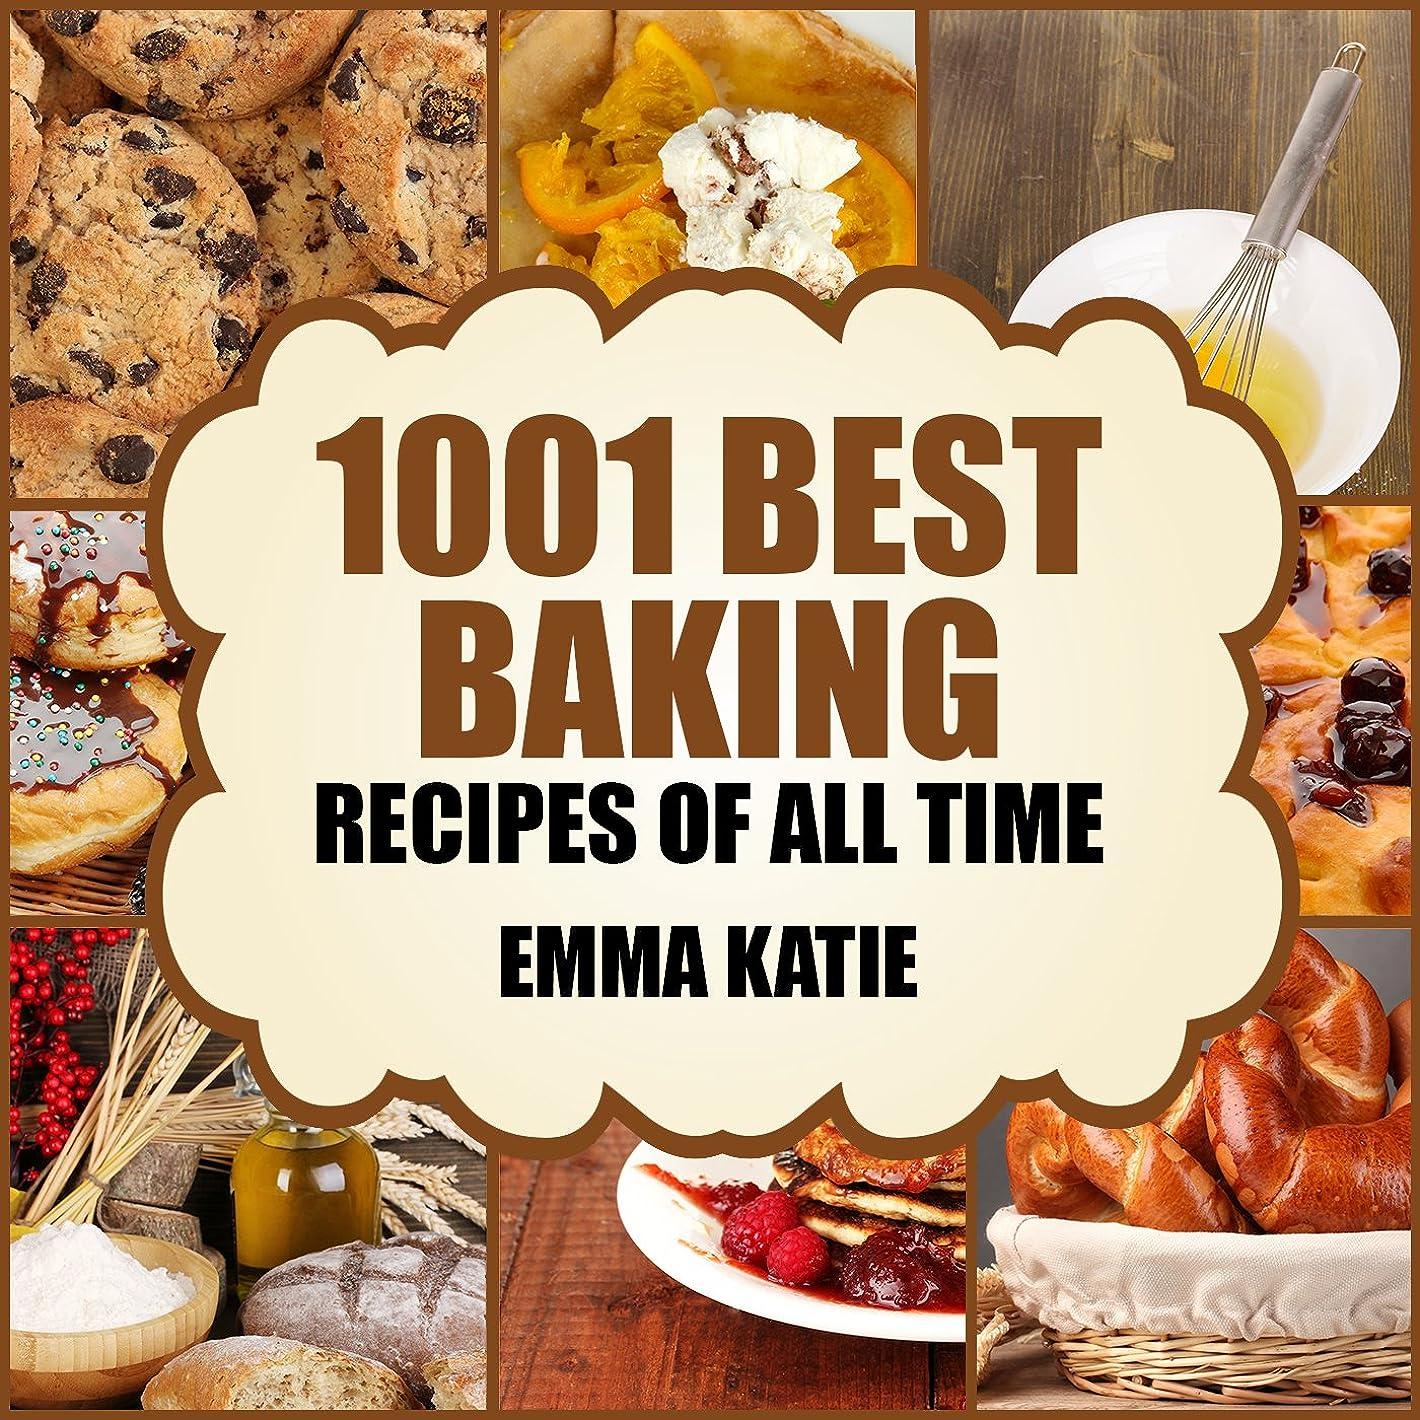 神経衰弱タール軌道1001 Best Baking Recipes of All Time: A Baking Cookbook with Over 1001 Recipes Book For Baking Basics such as Bread, Cakes, Chocolate, Cookies, Desserts, Muffin, Pastry and More (English Edition)